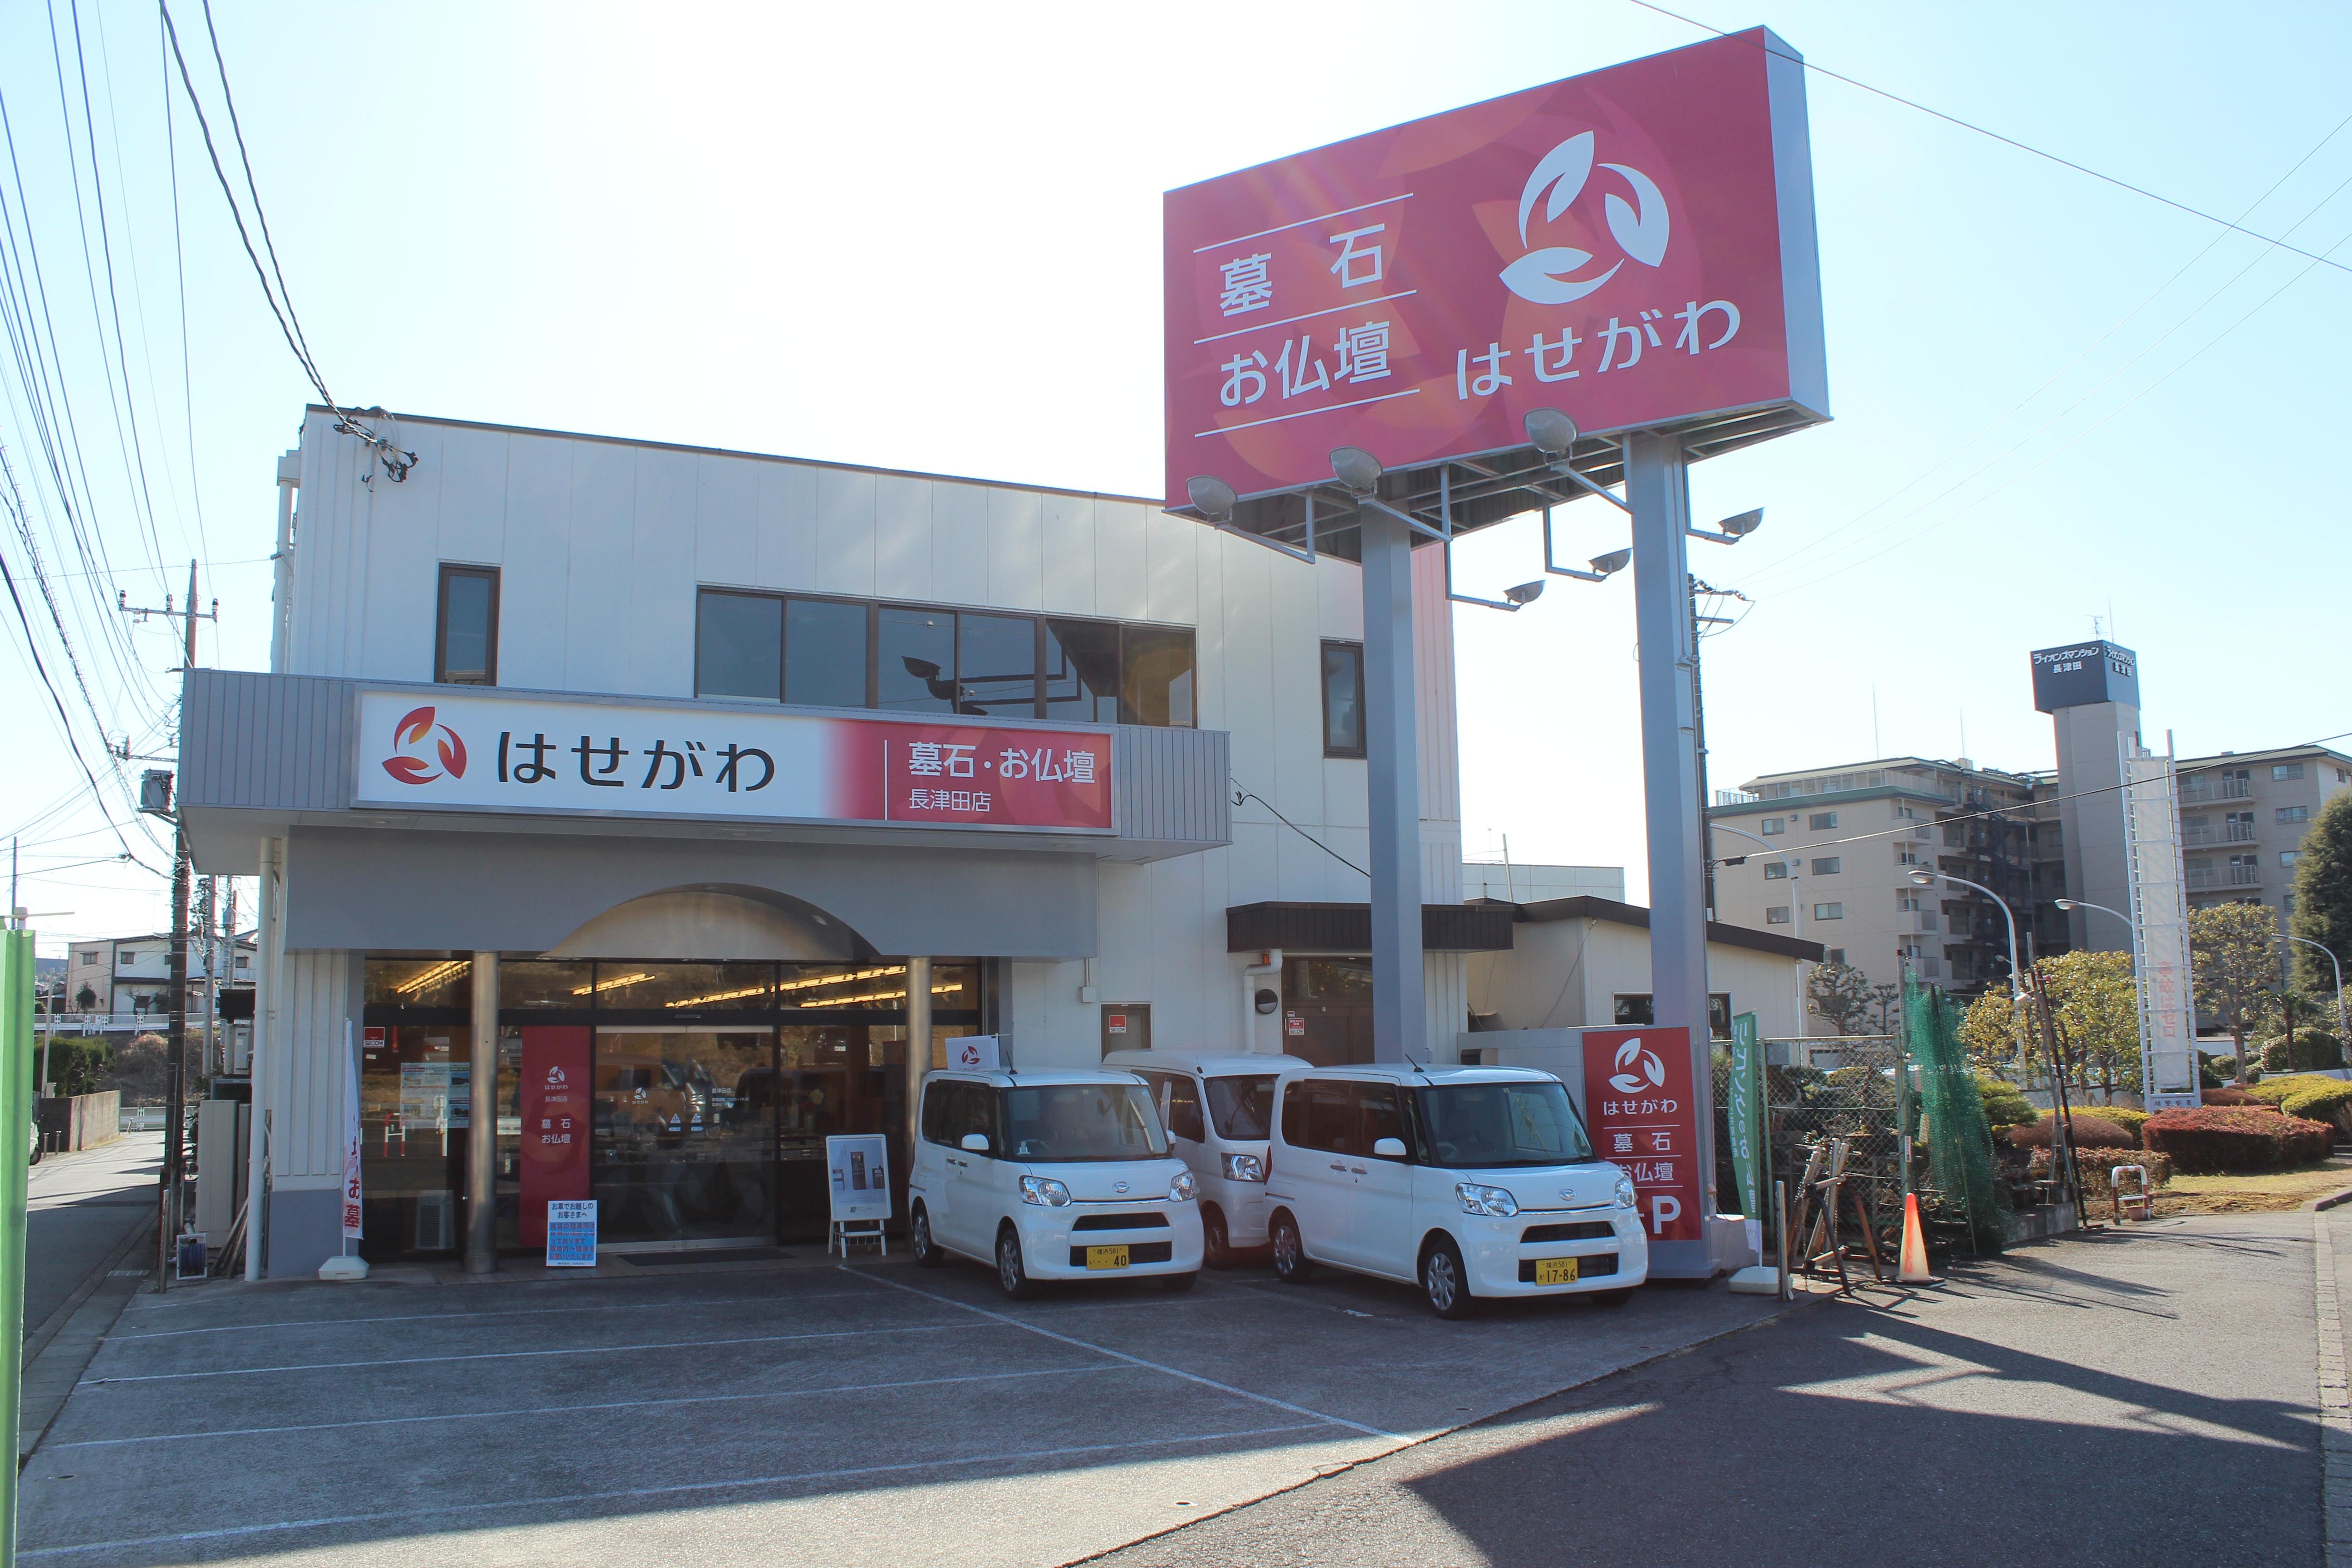 長津田にある駐車場完備の店舗外観